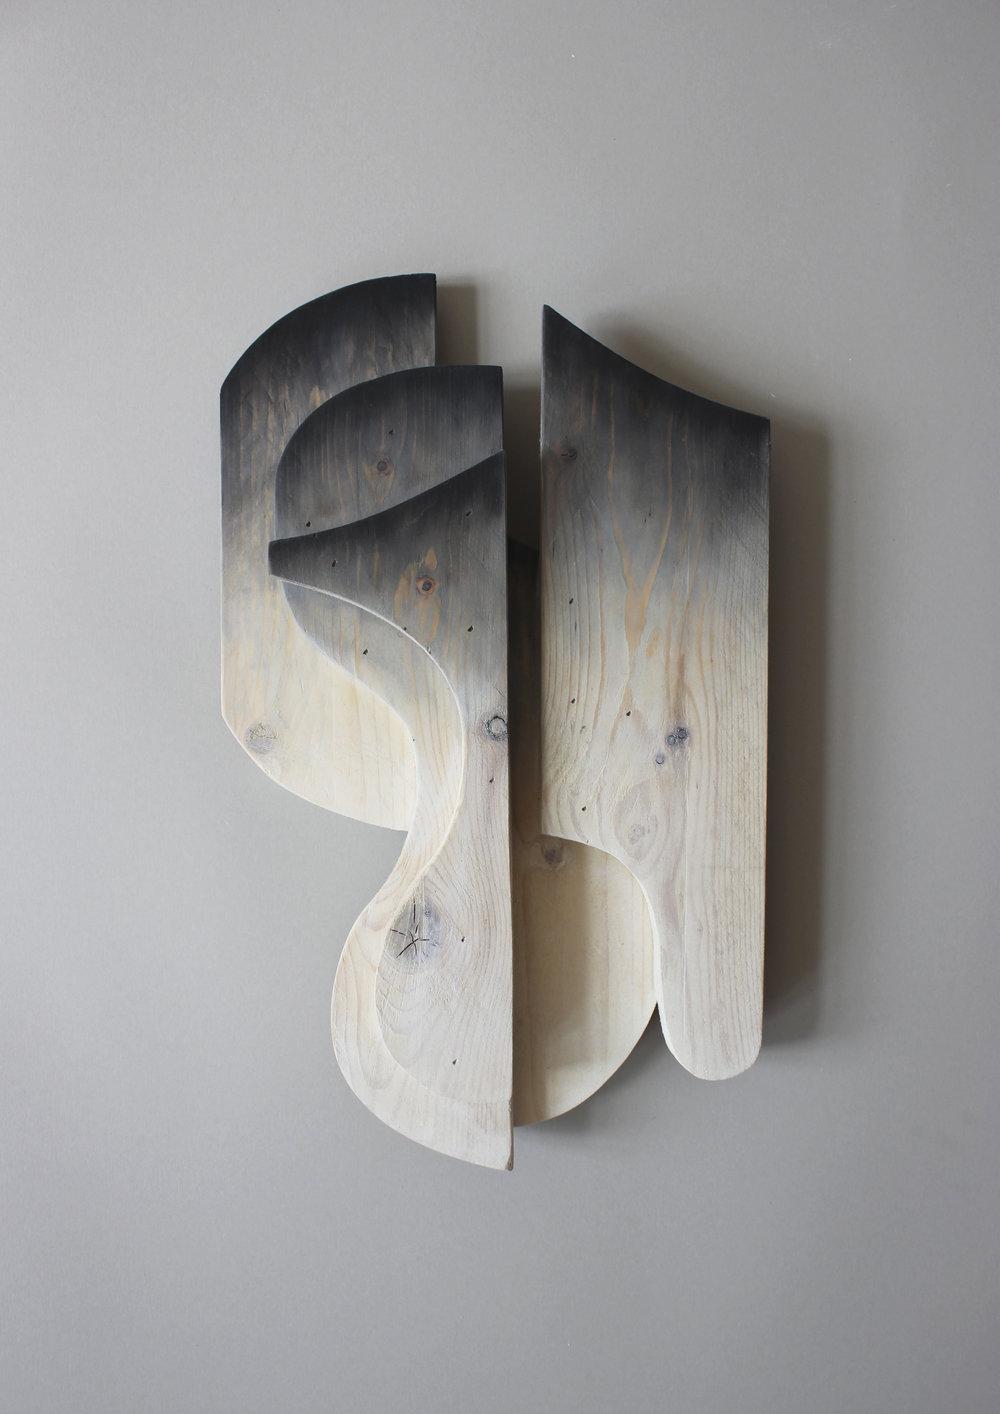 tg skulptur 4.jpg